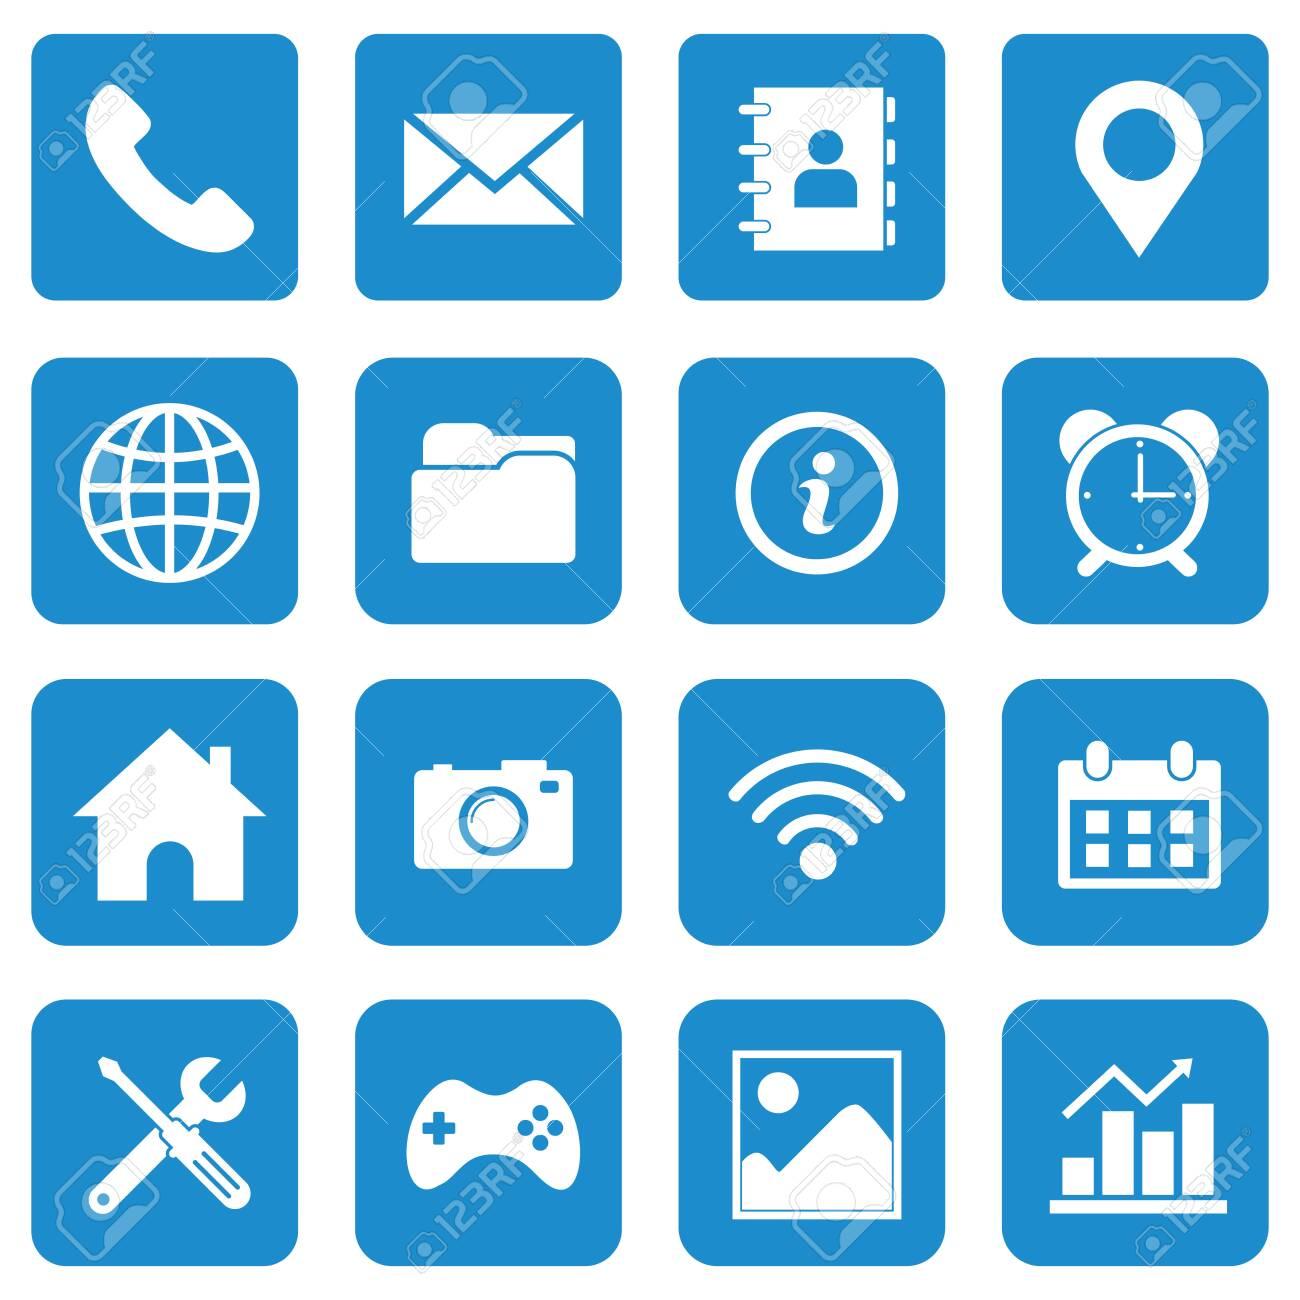 web icon set vector design symbol - 140692674